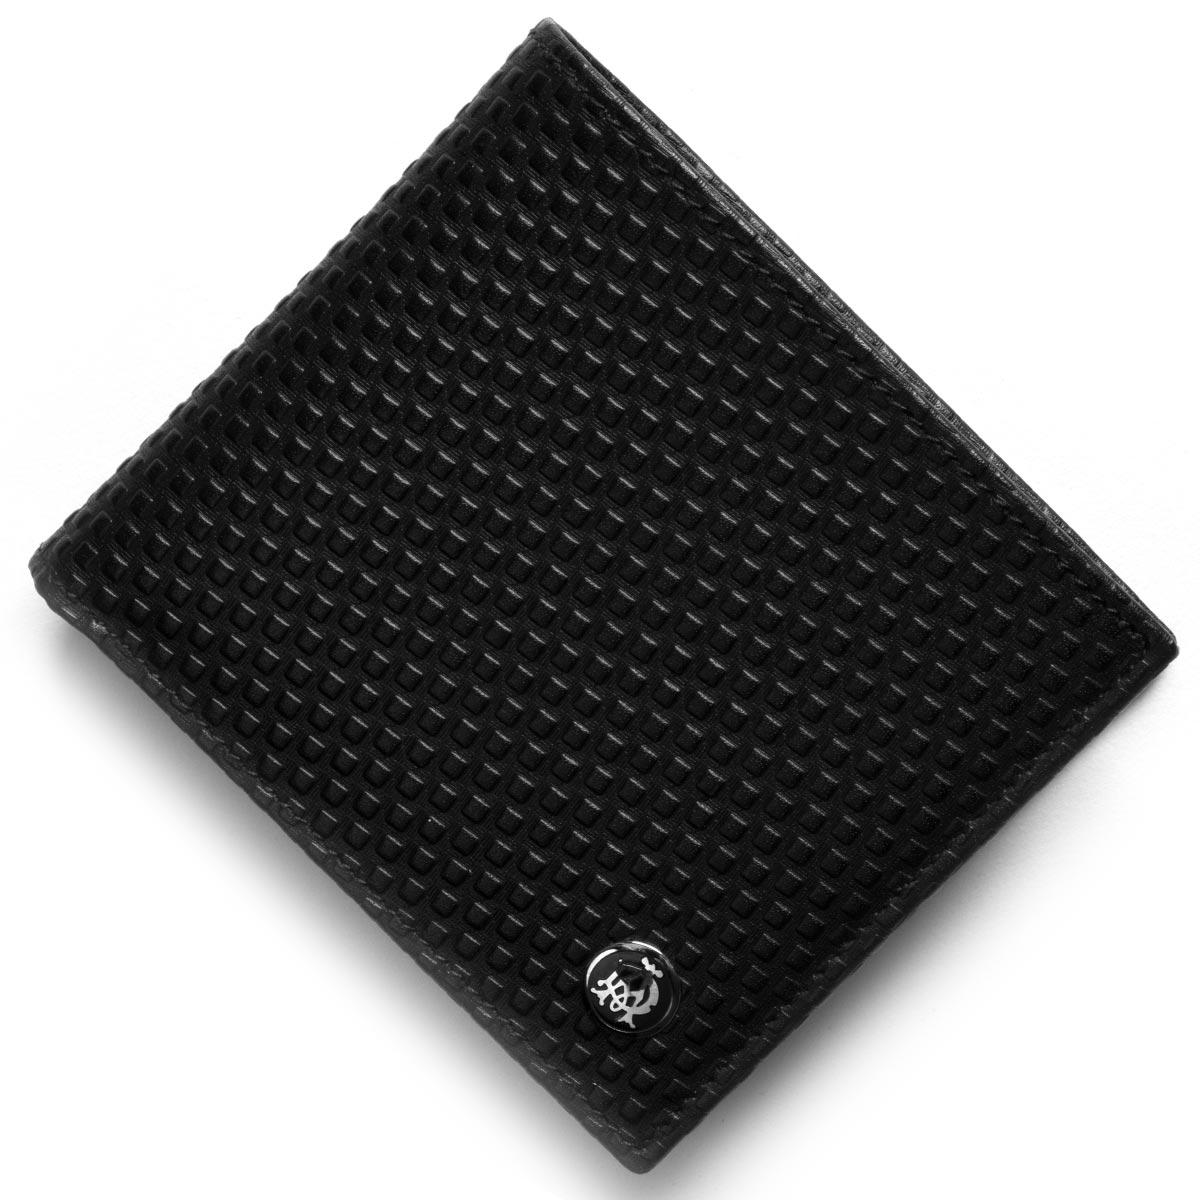 ダンヒル 二つ折り財布 財布 メンズ マイクロ ディーエイト D-EIGHT ブラック L2V332A A DUNHILL